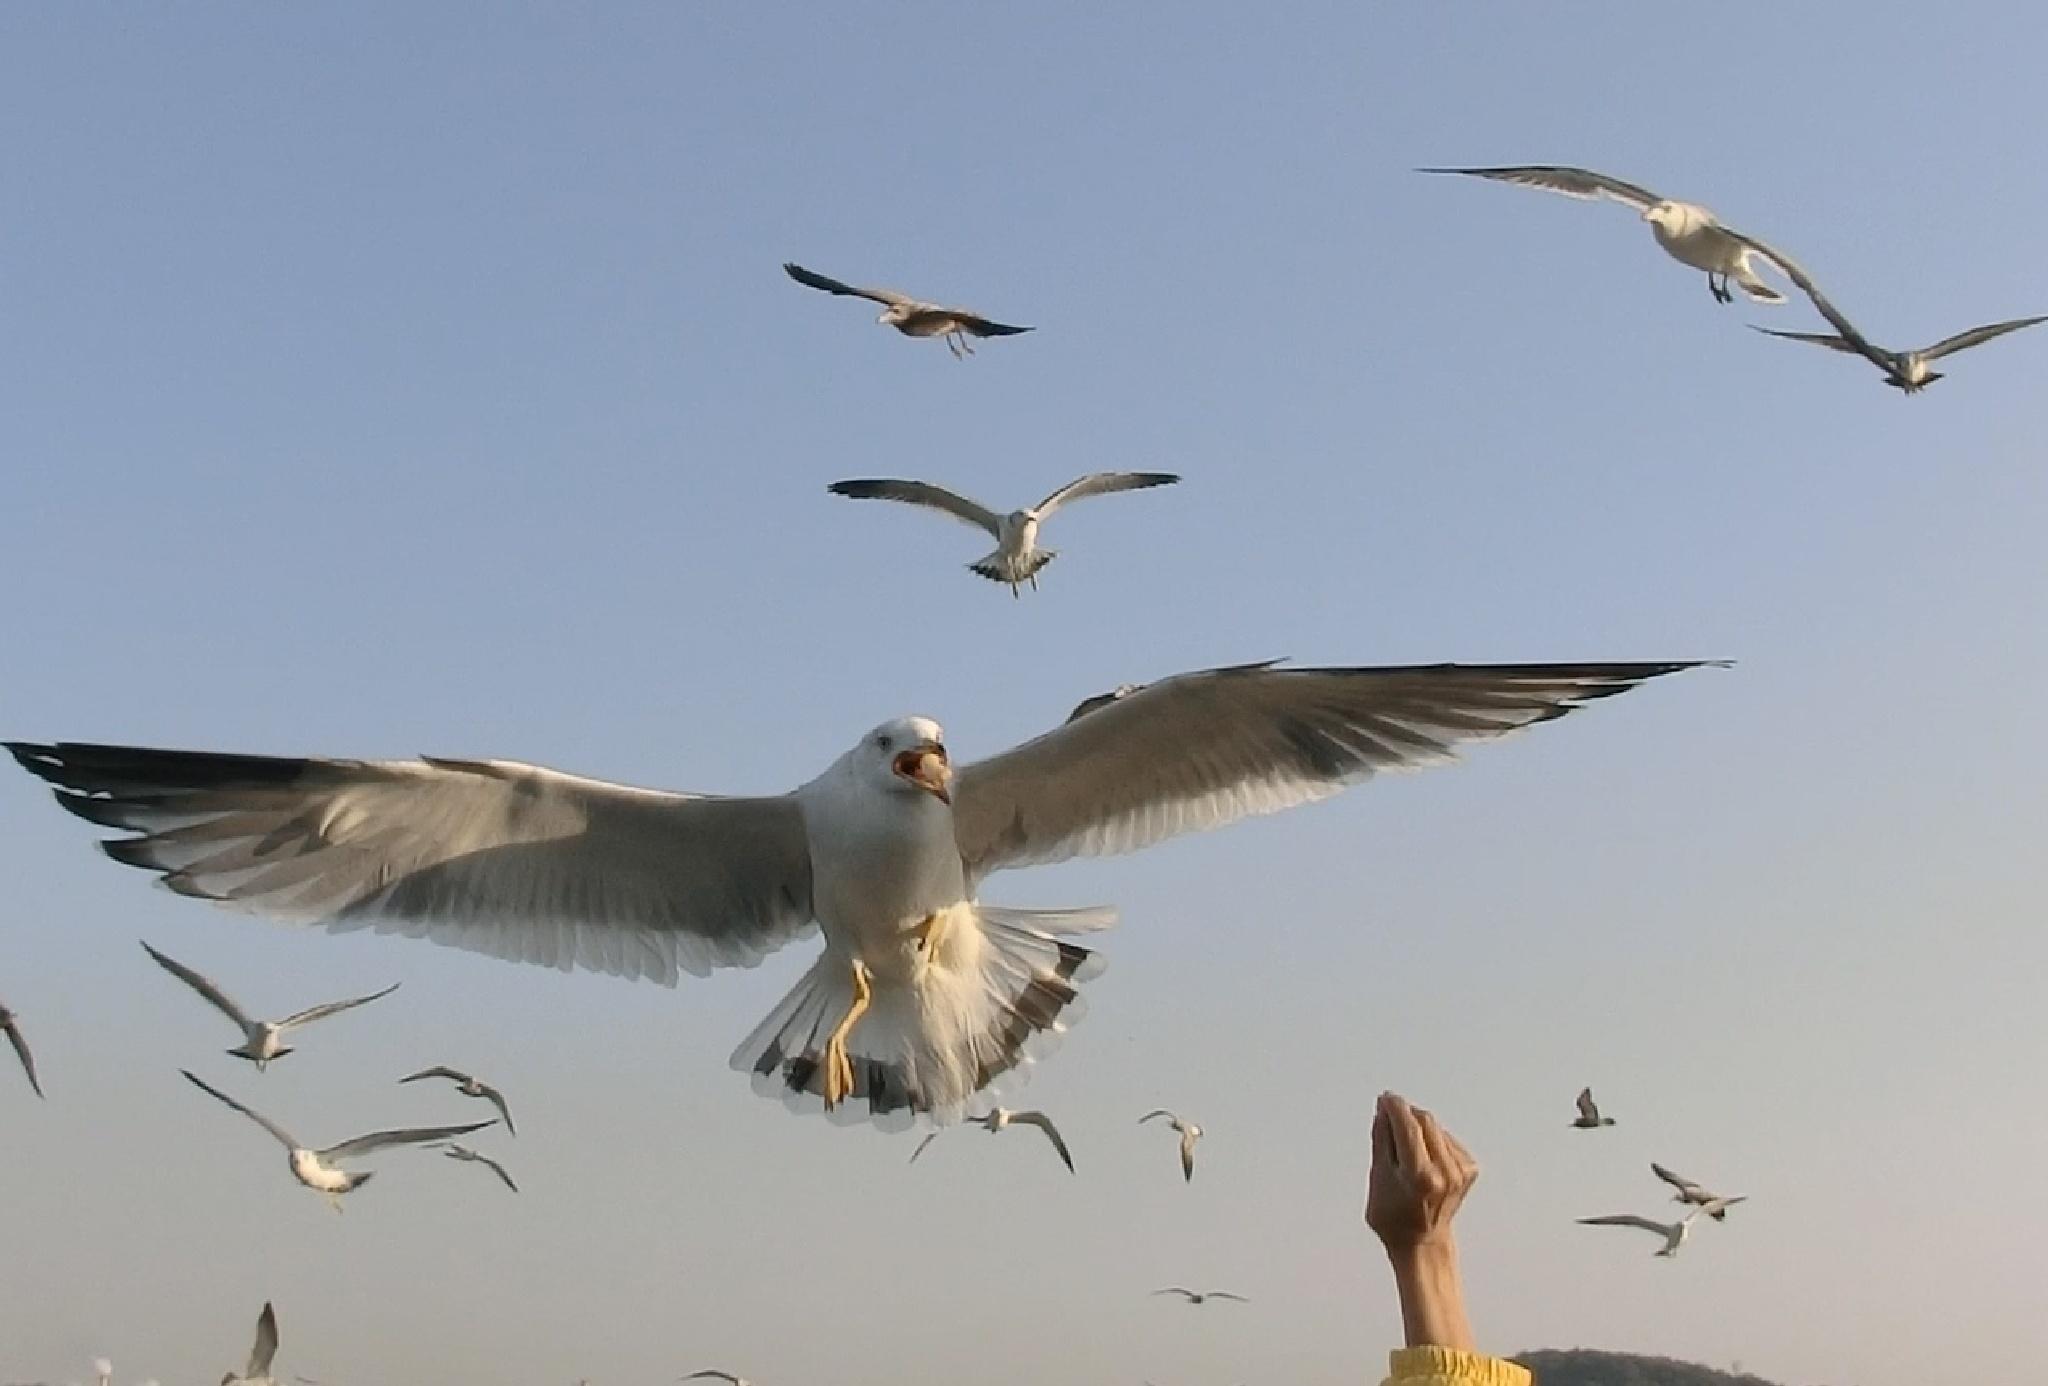 Feeding seagulls at Wolmido, Seoul by pop88123